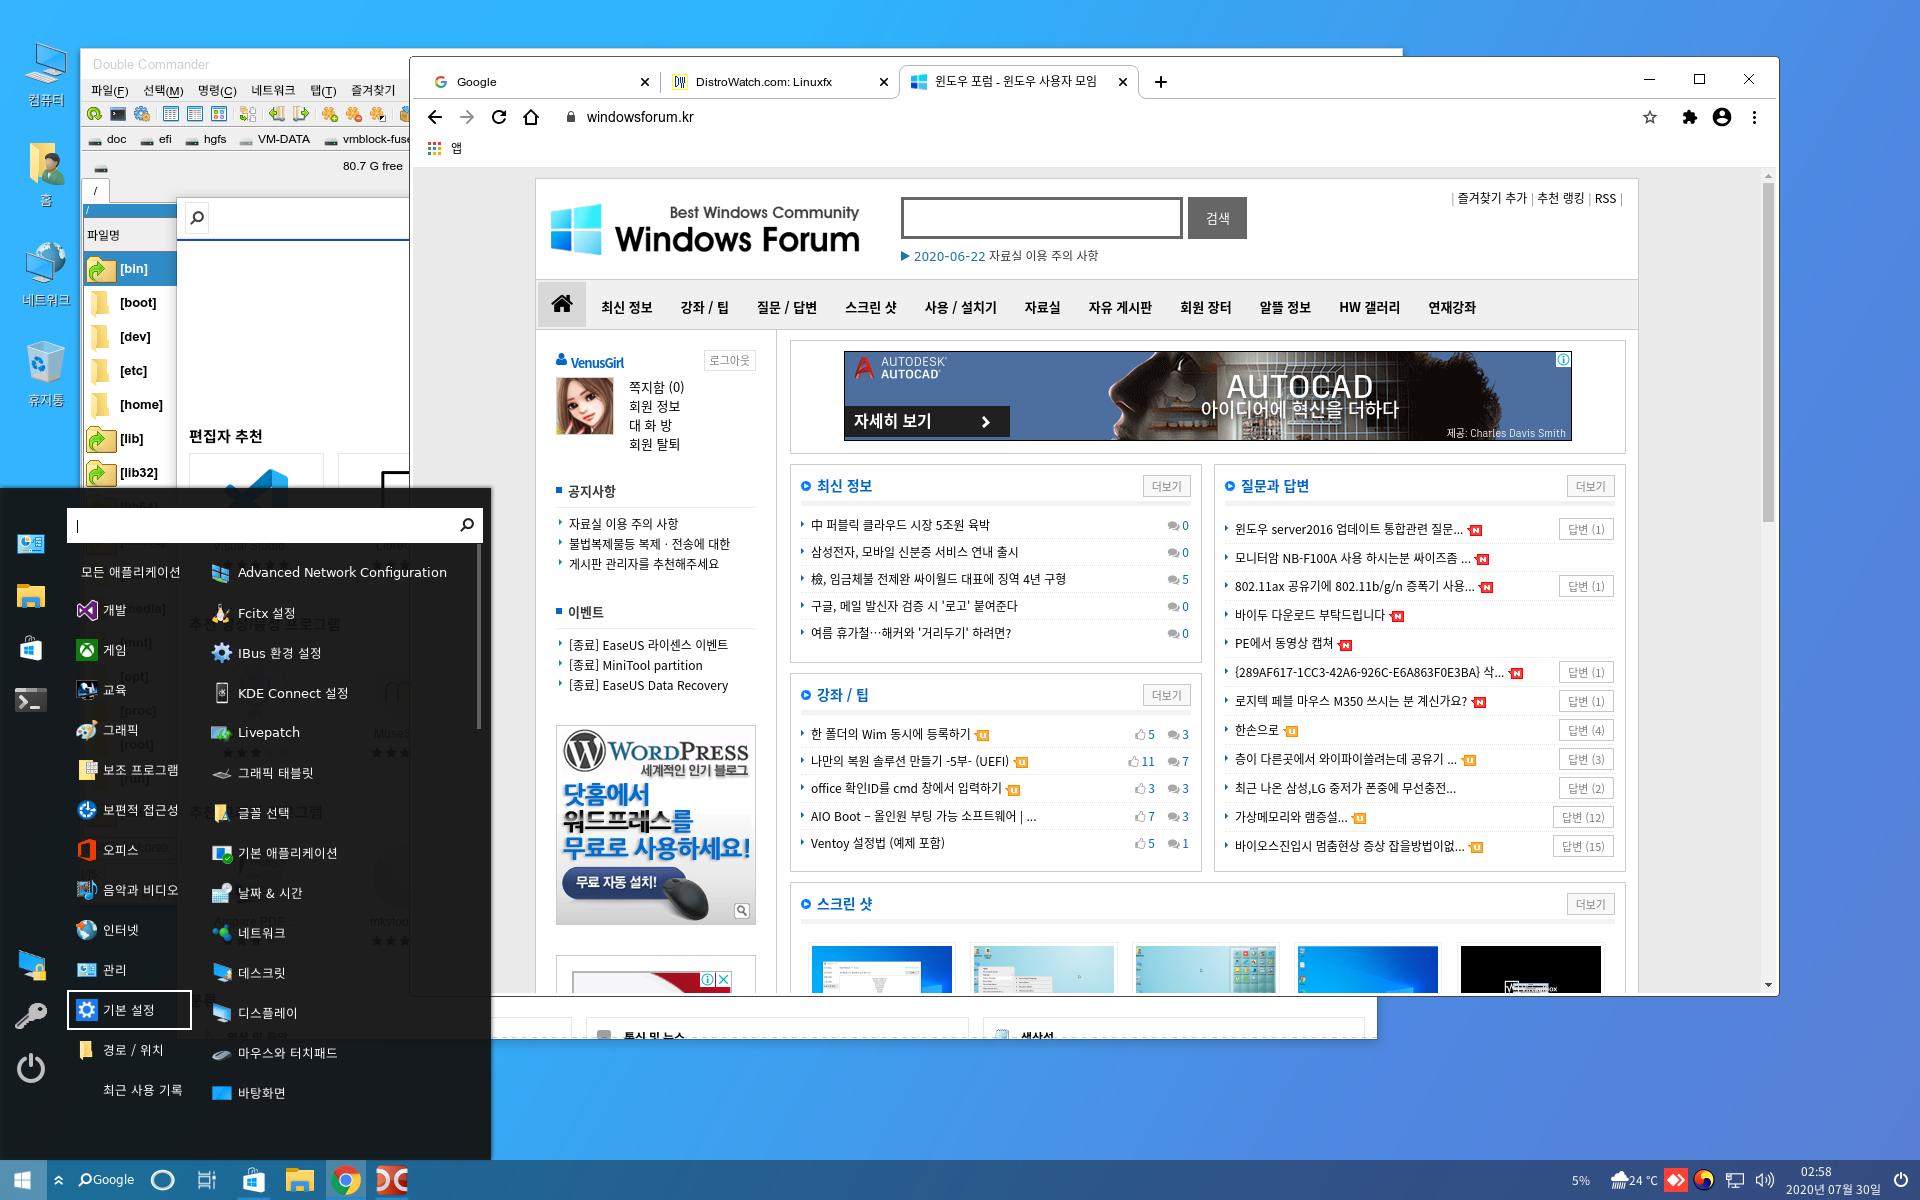 Windowsfx.png